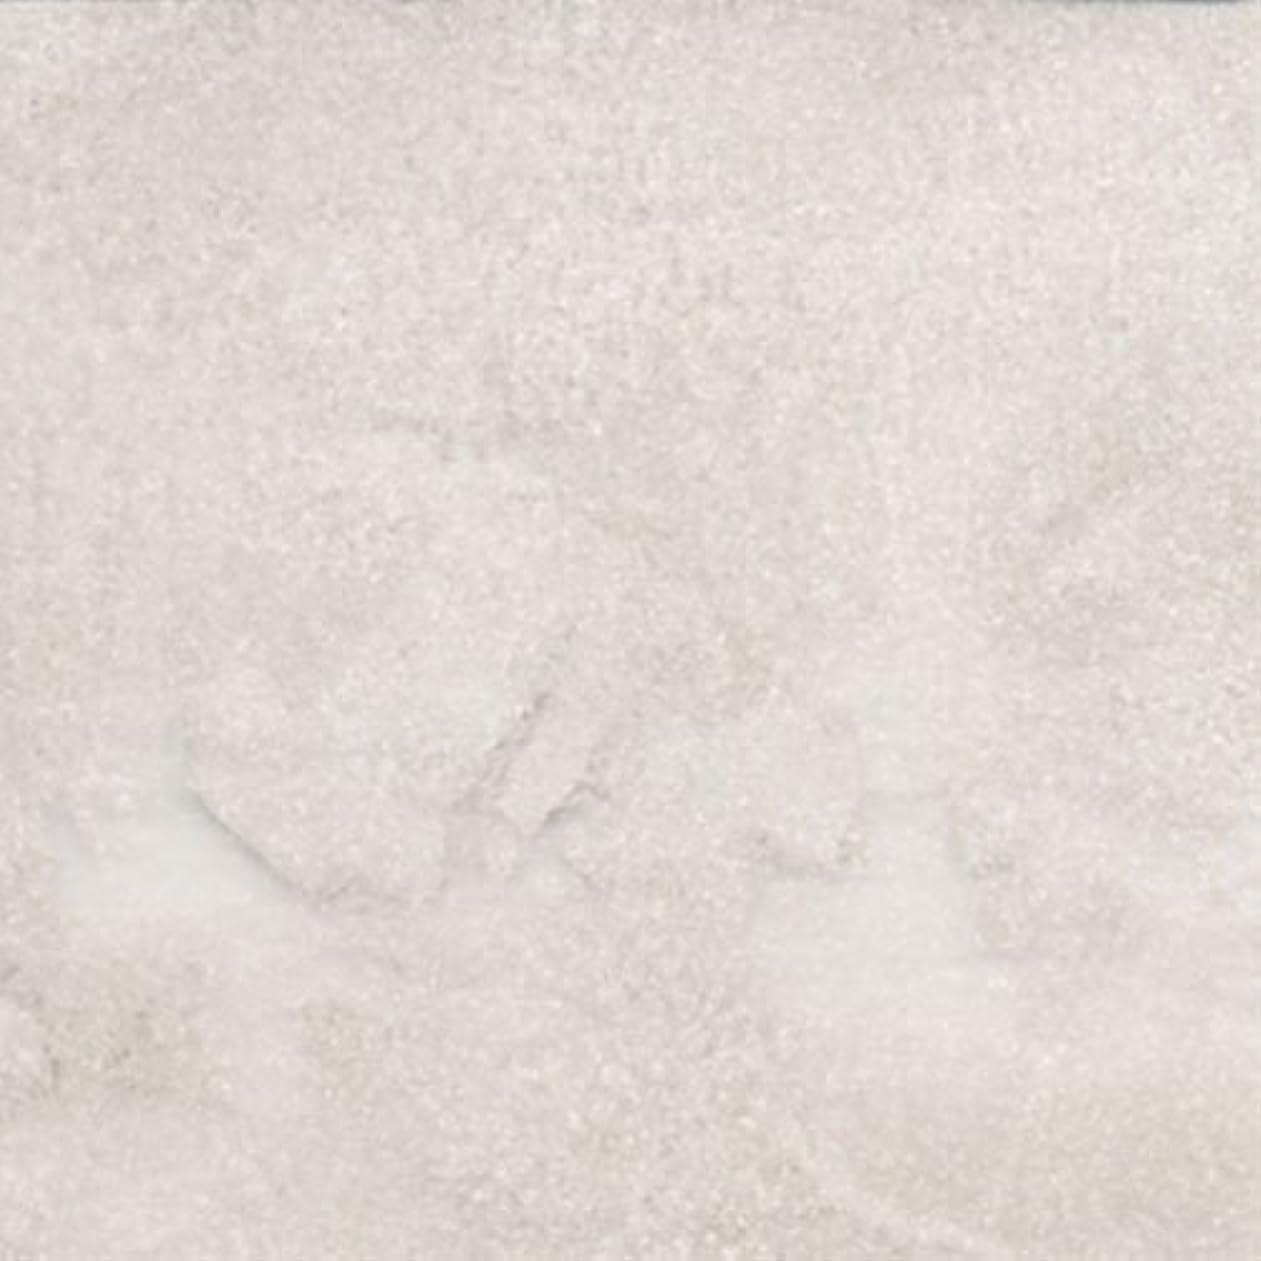 名前で囲まれた重荷ピカエース ネイル用パウダー パステルパウダー #840 ホワイト 0.25g